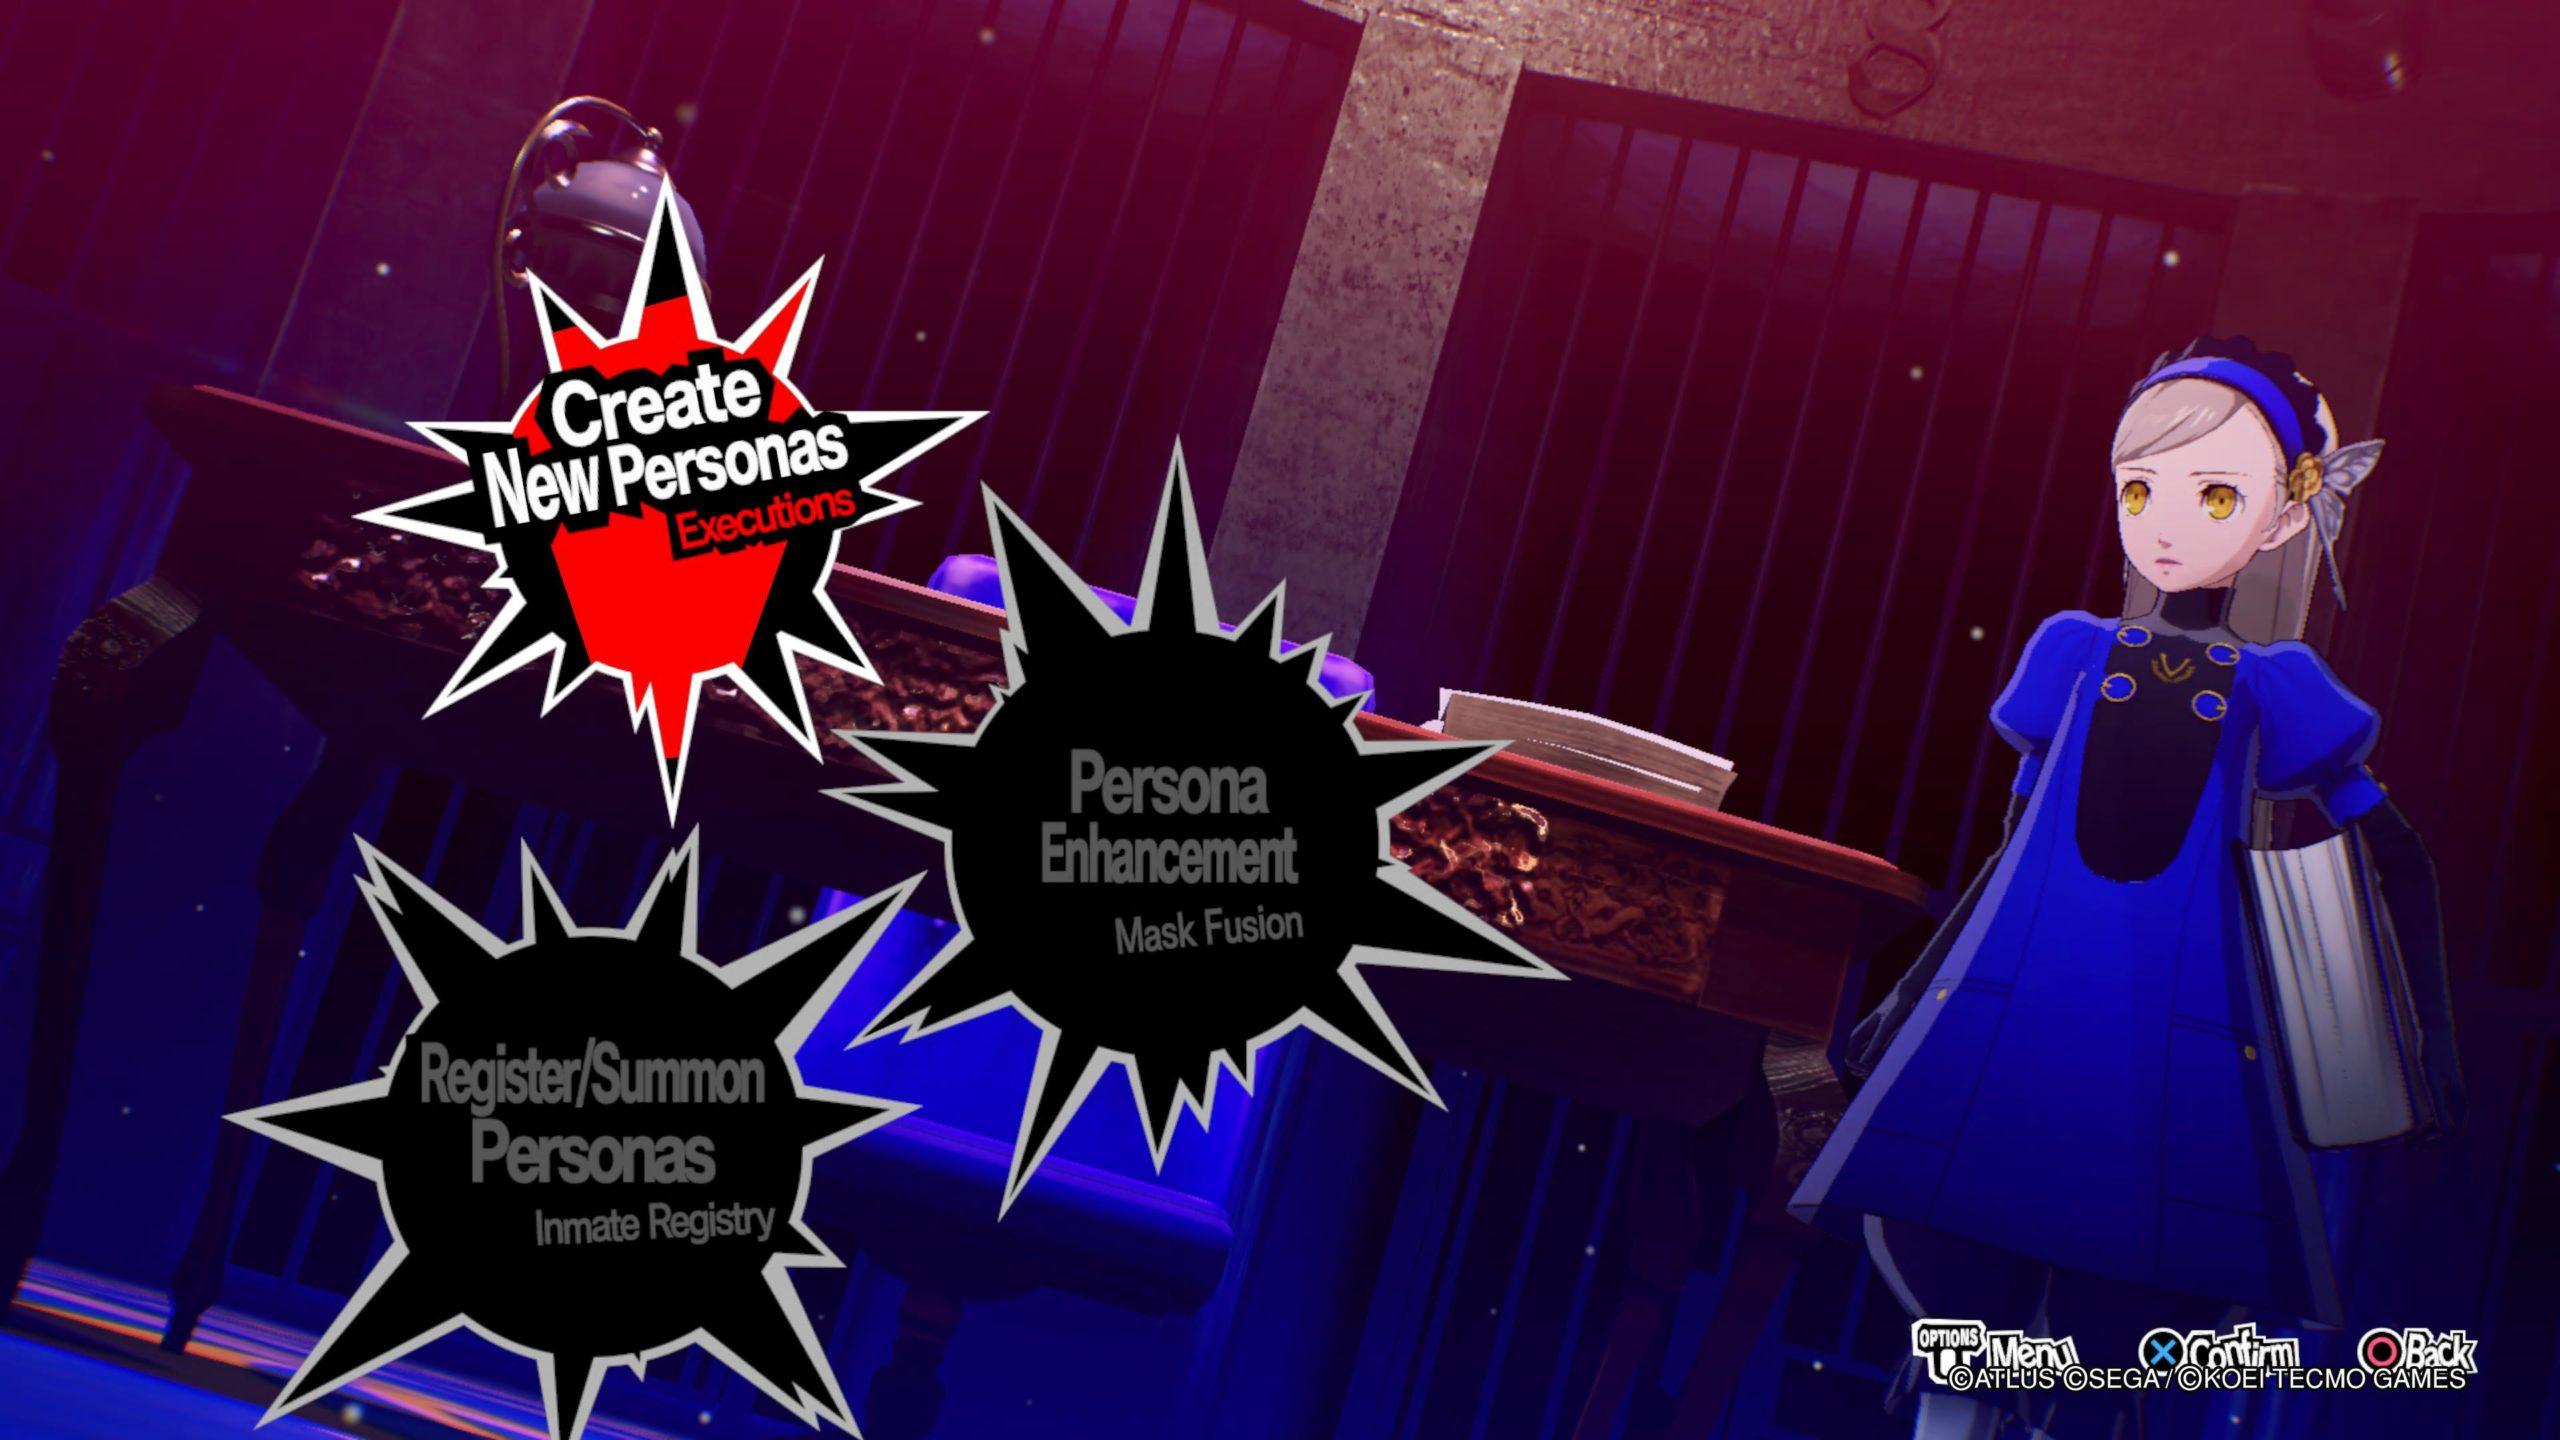 Persona 5 Strikers Persona guide